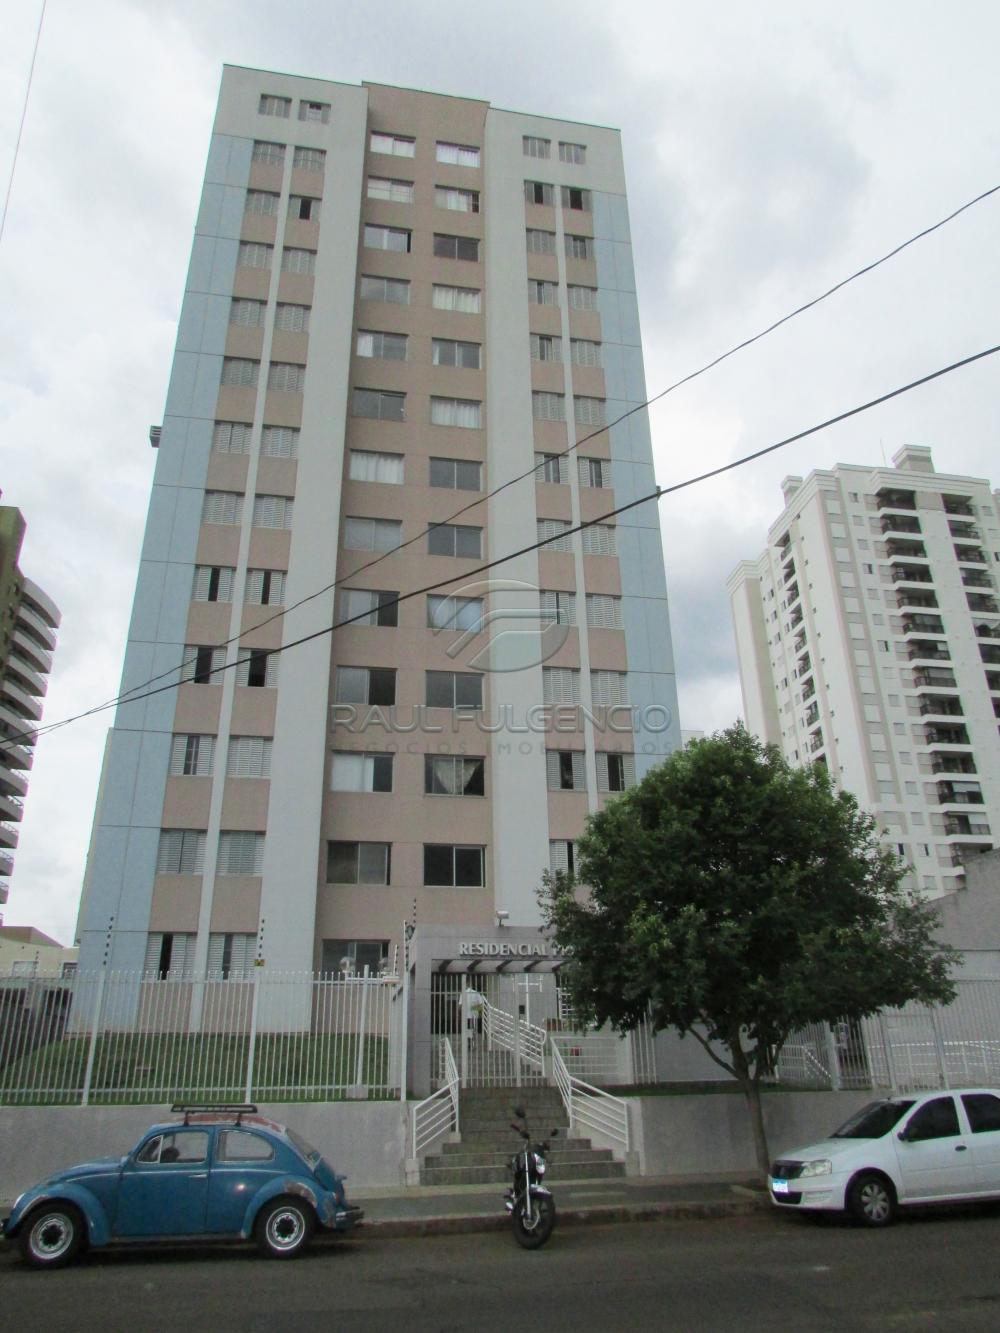 Comprar Apartamento / Padrão em Londrina apenas R$ 149.000,00 - Foto 1